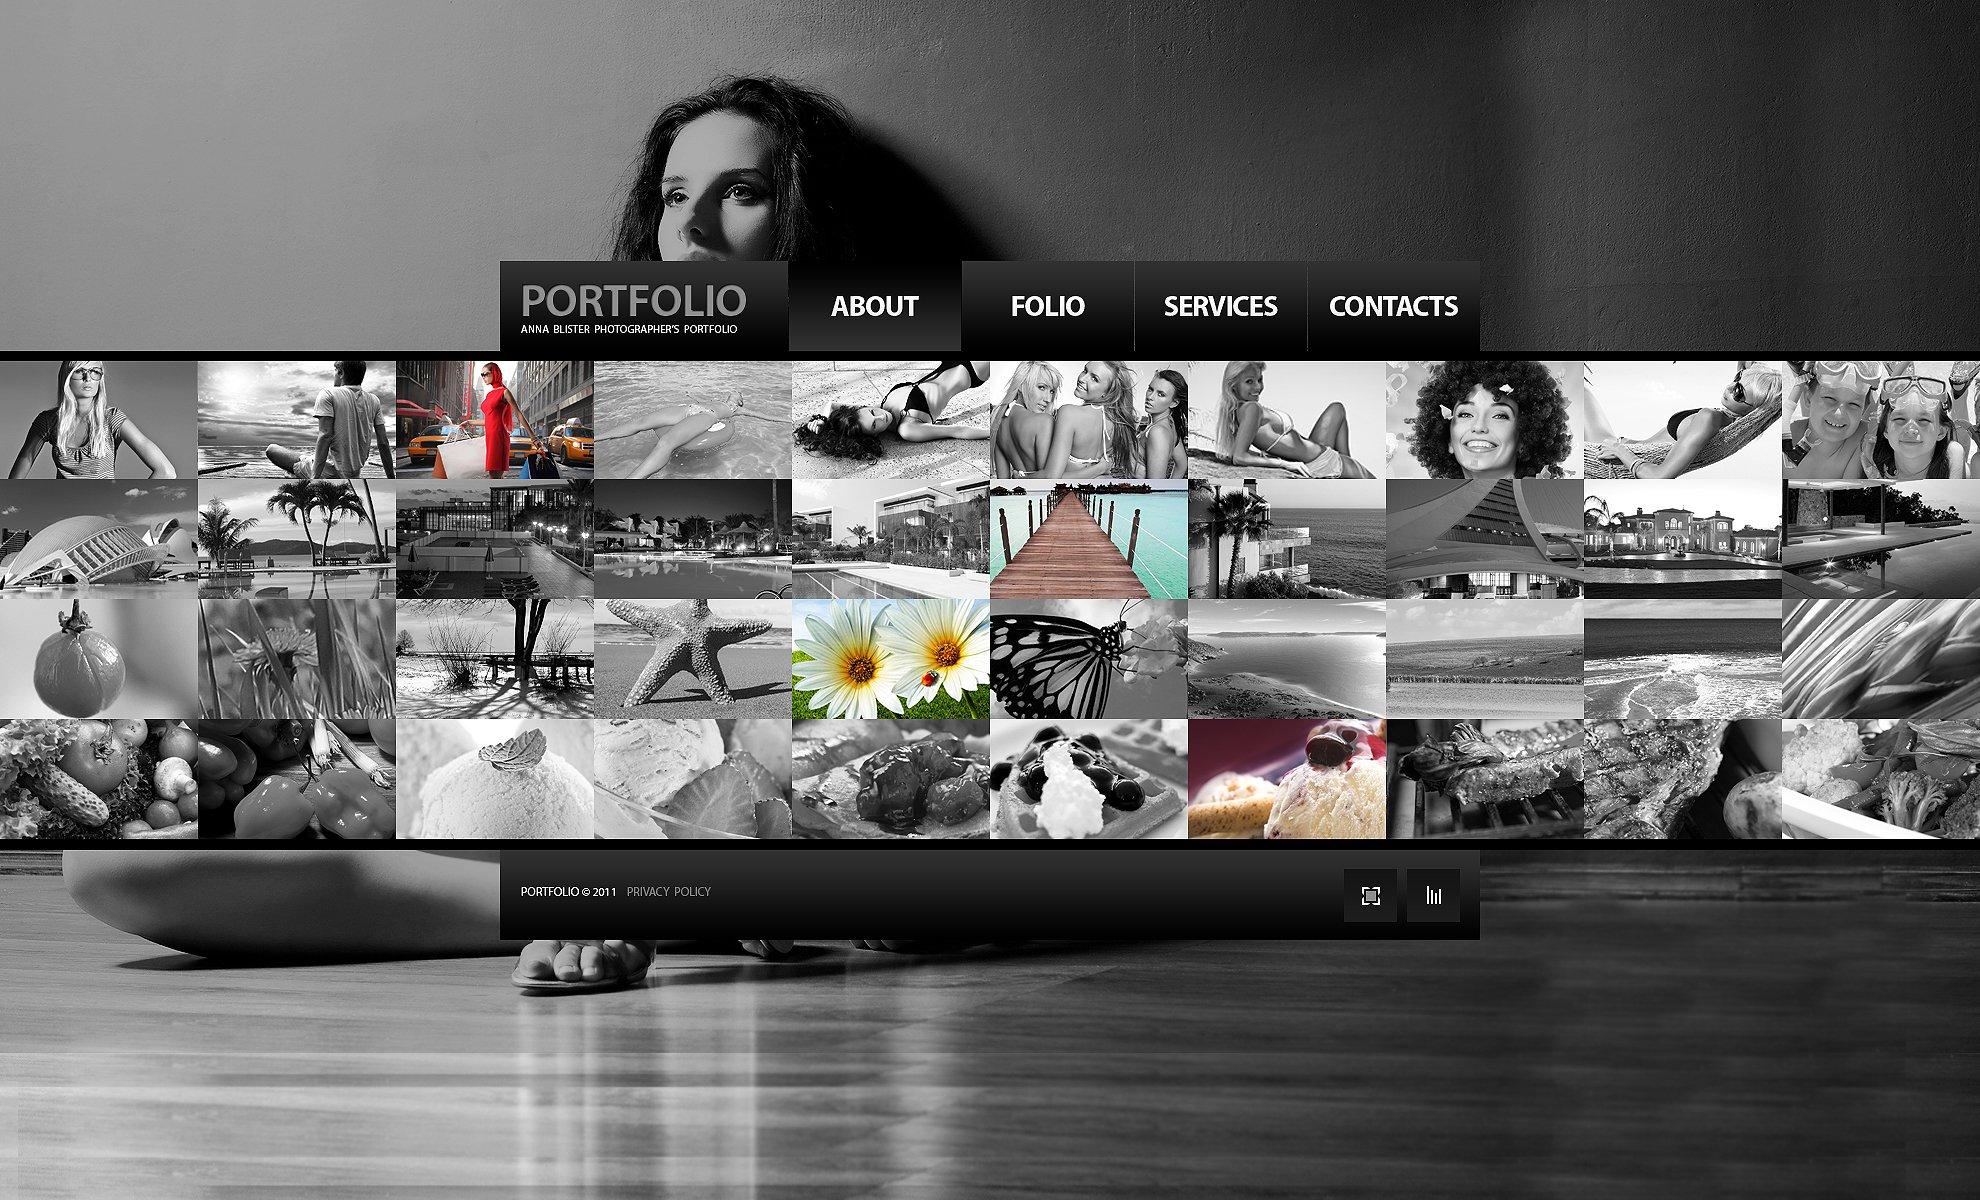 Modèle De Galerie Photo pour portfolio de photographe #33955 - screenshot